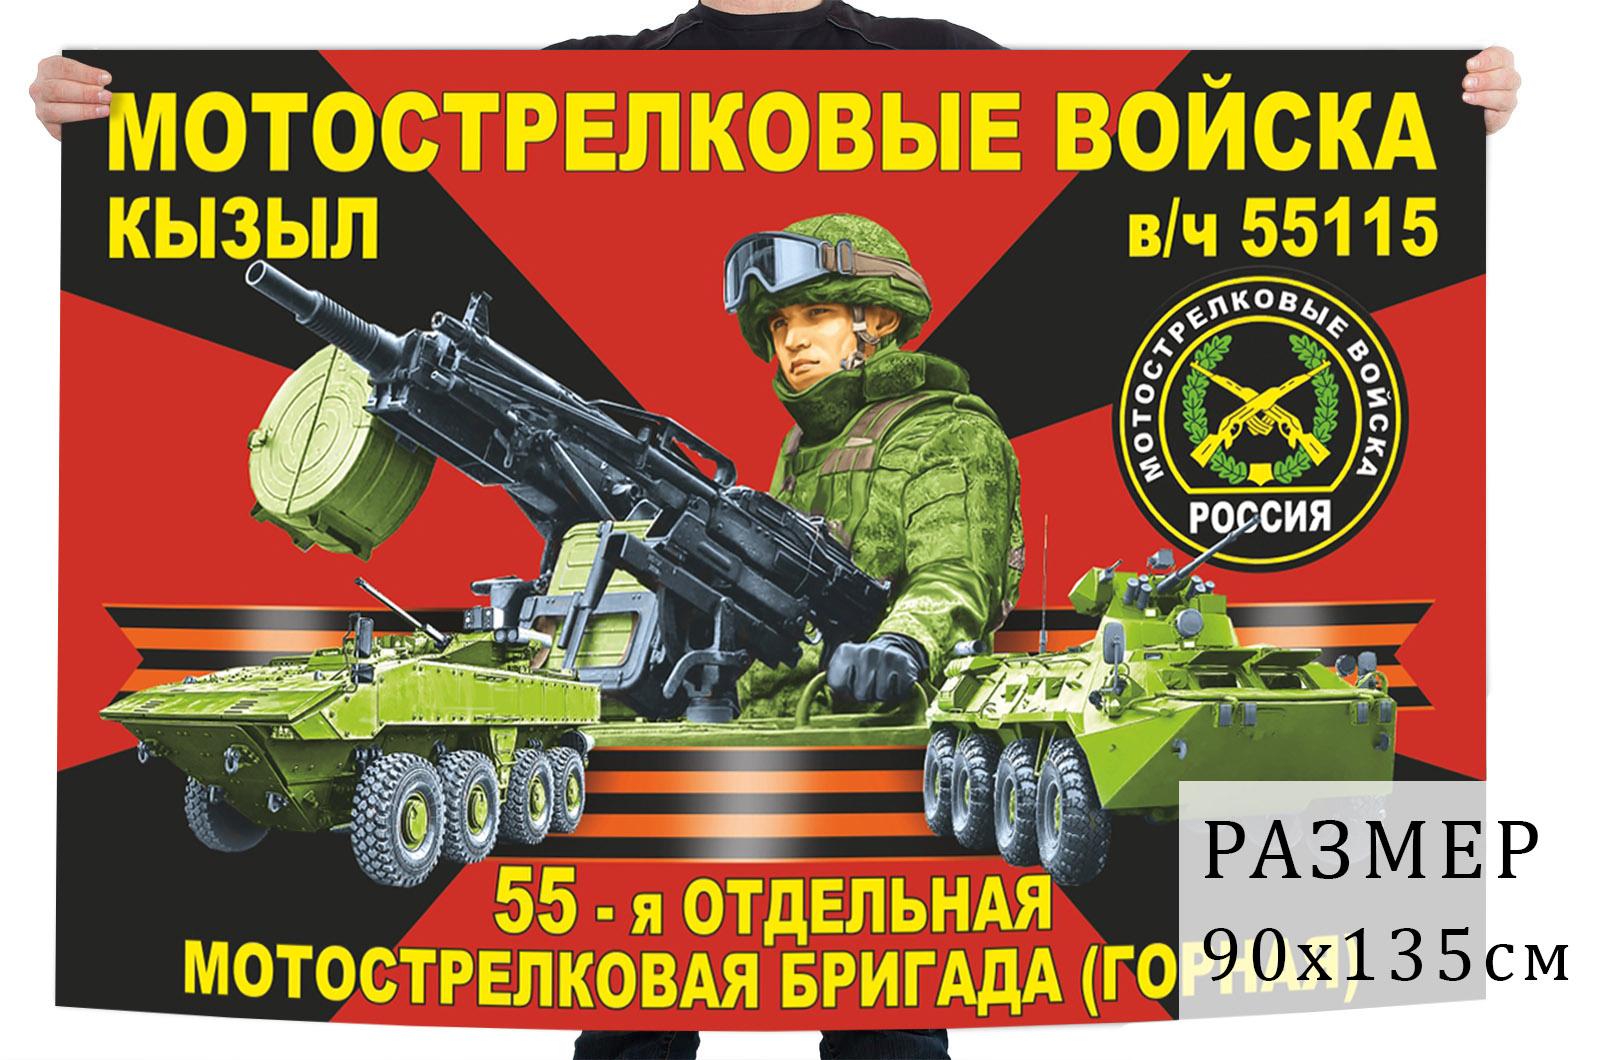 Флаг 55 отдельной мотострелковой бригады (горной)